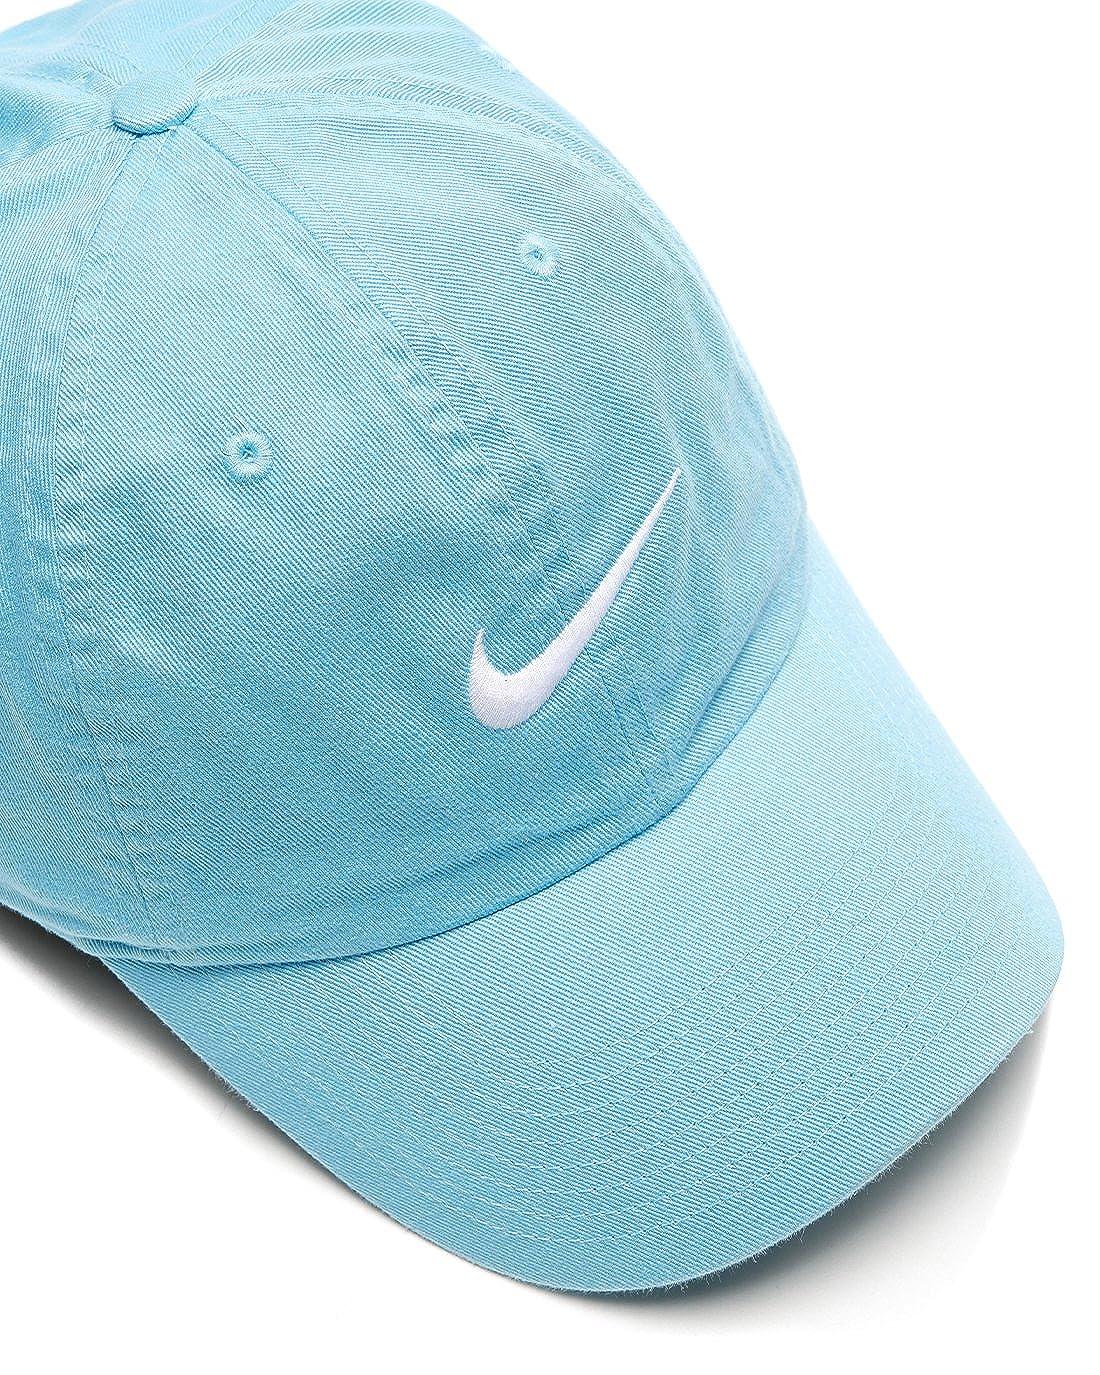 Nike Heritage 86-Swoosh Gorra de Tenis Hombre